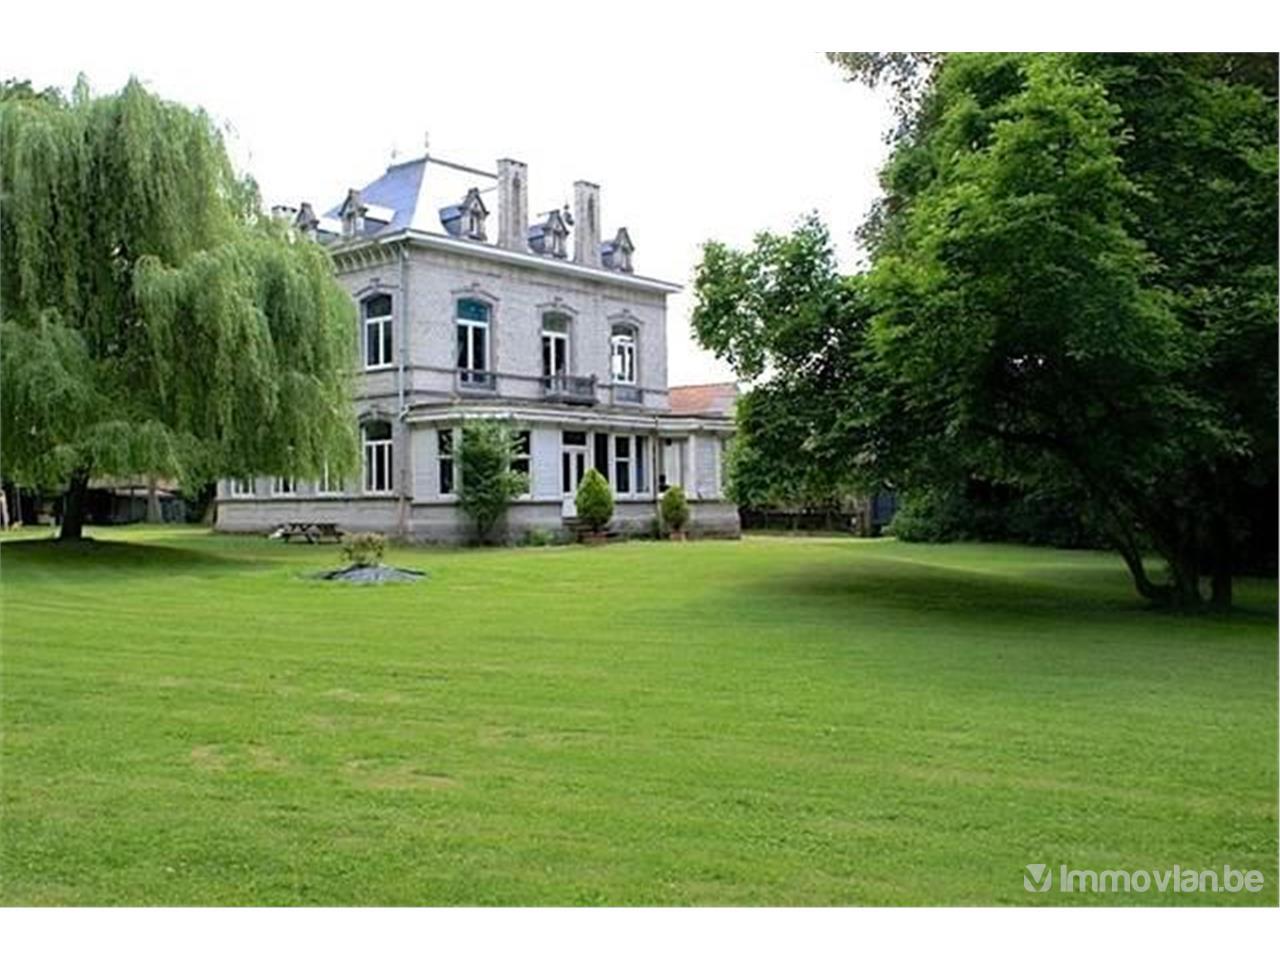 5 kastelen te koop voor minder dan € 500.000